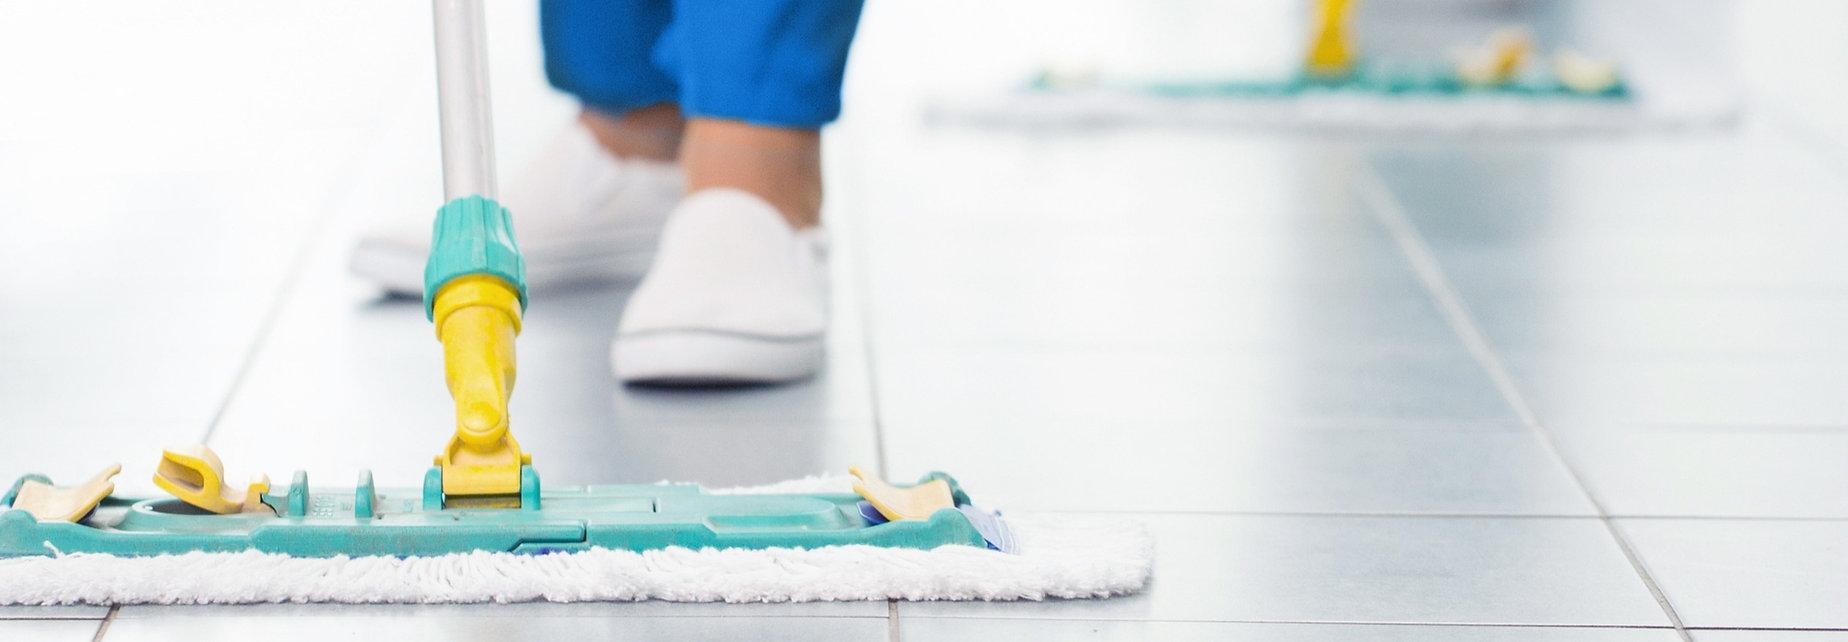 limpeza e organização cliente oculto bzoros